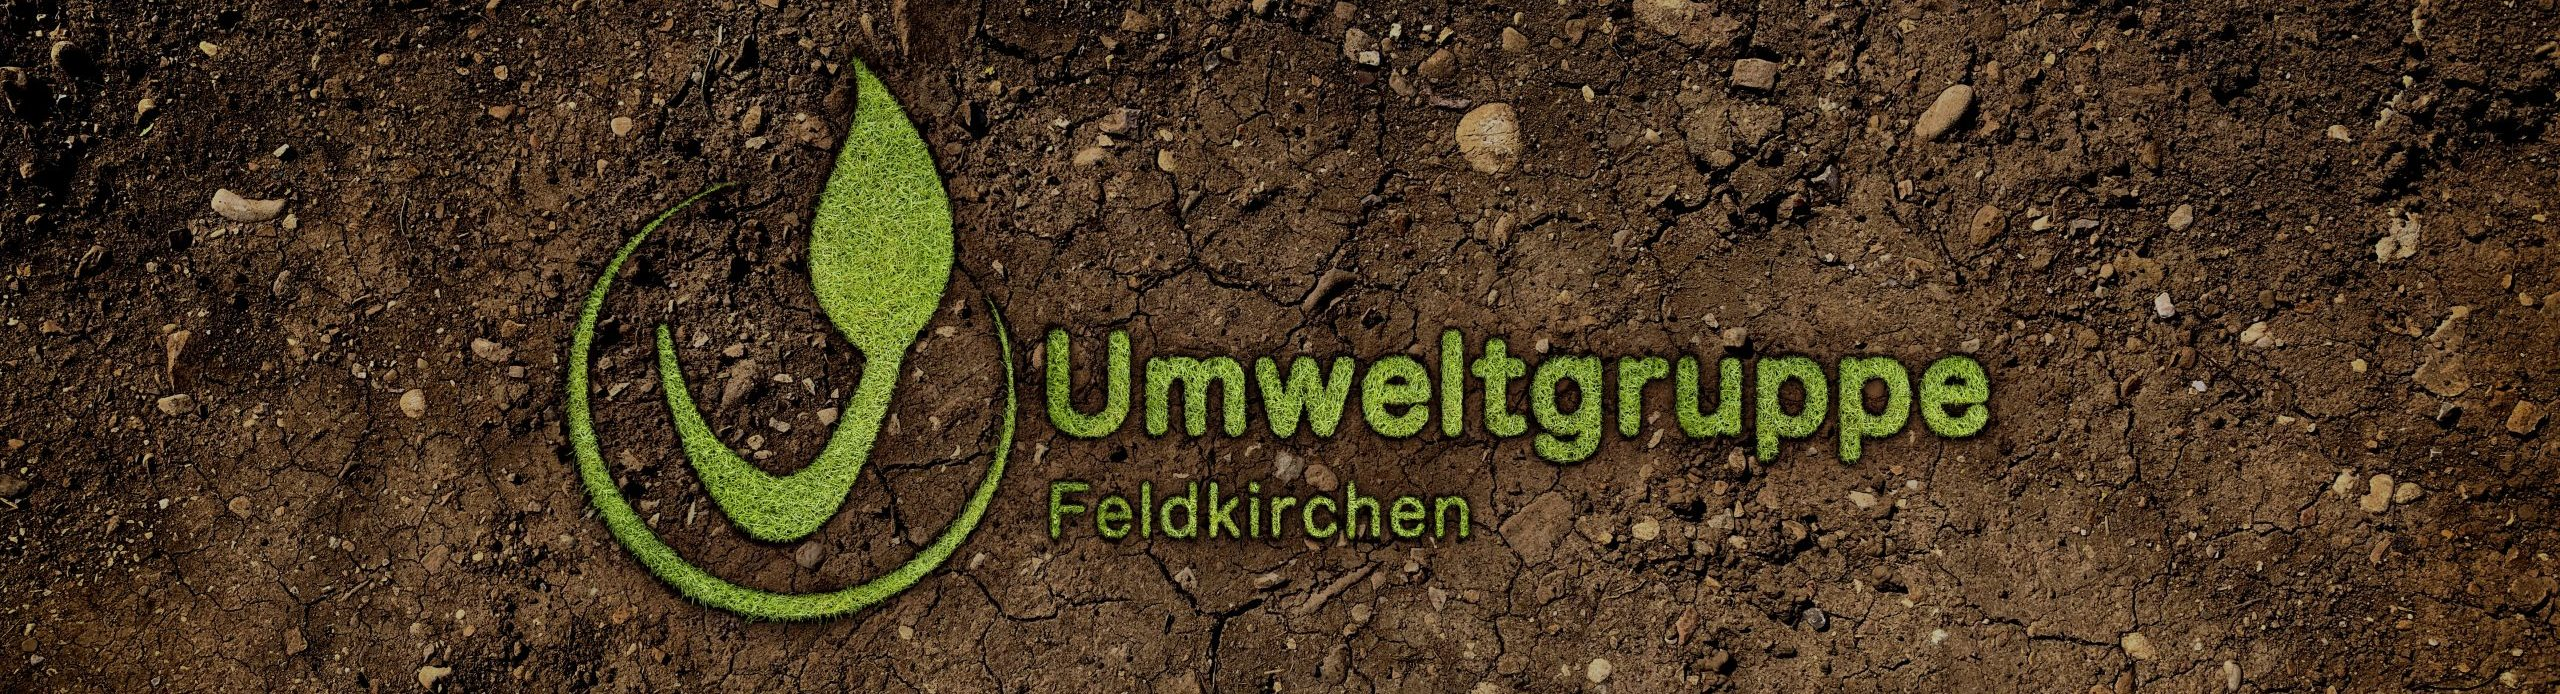 Umweltgruppe Feldkirchen